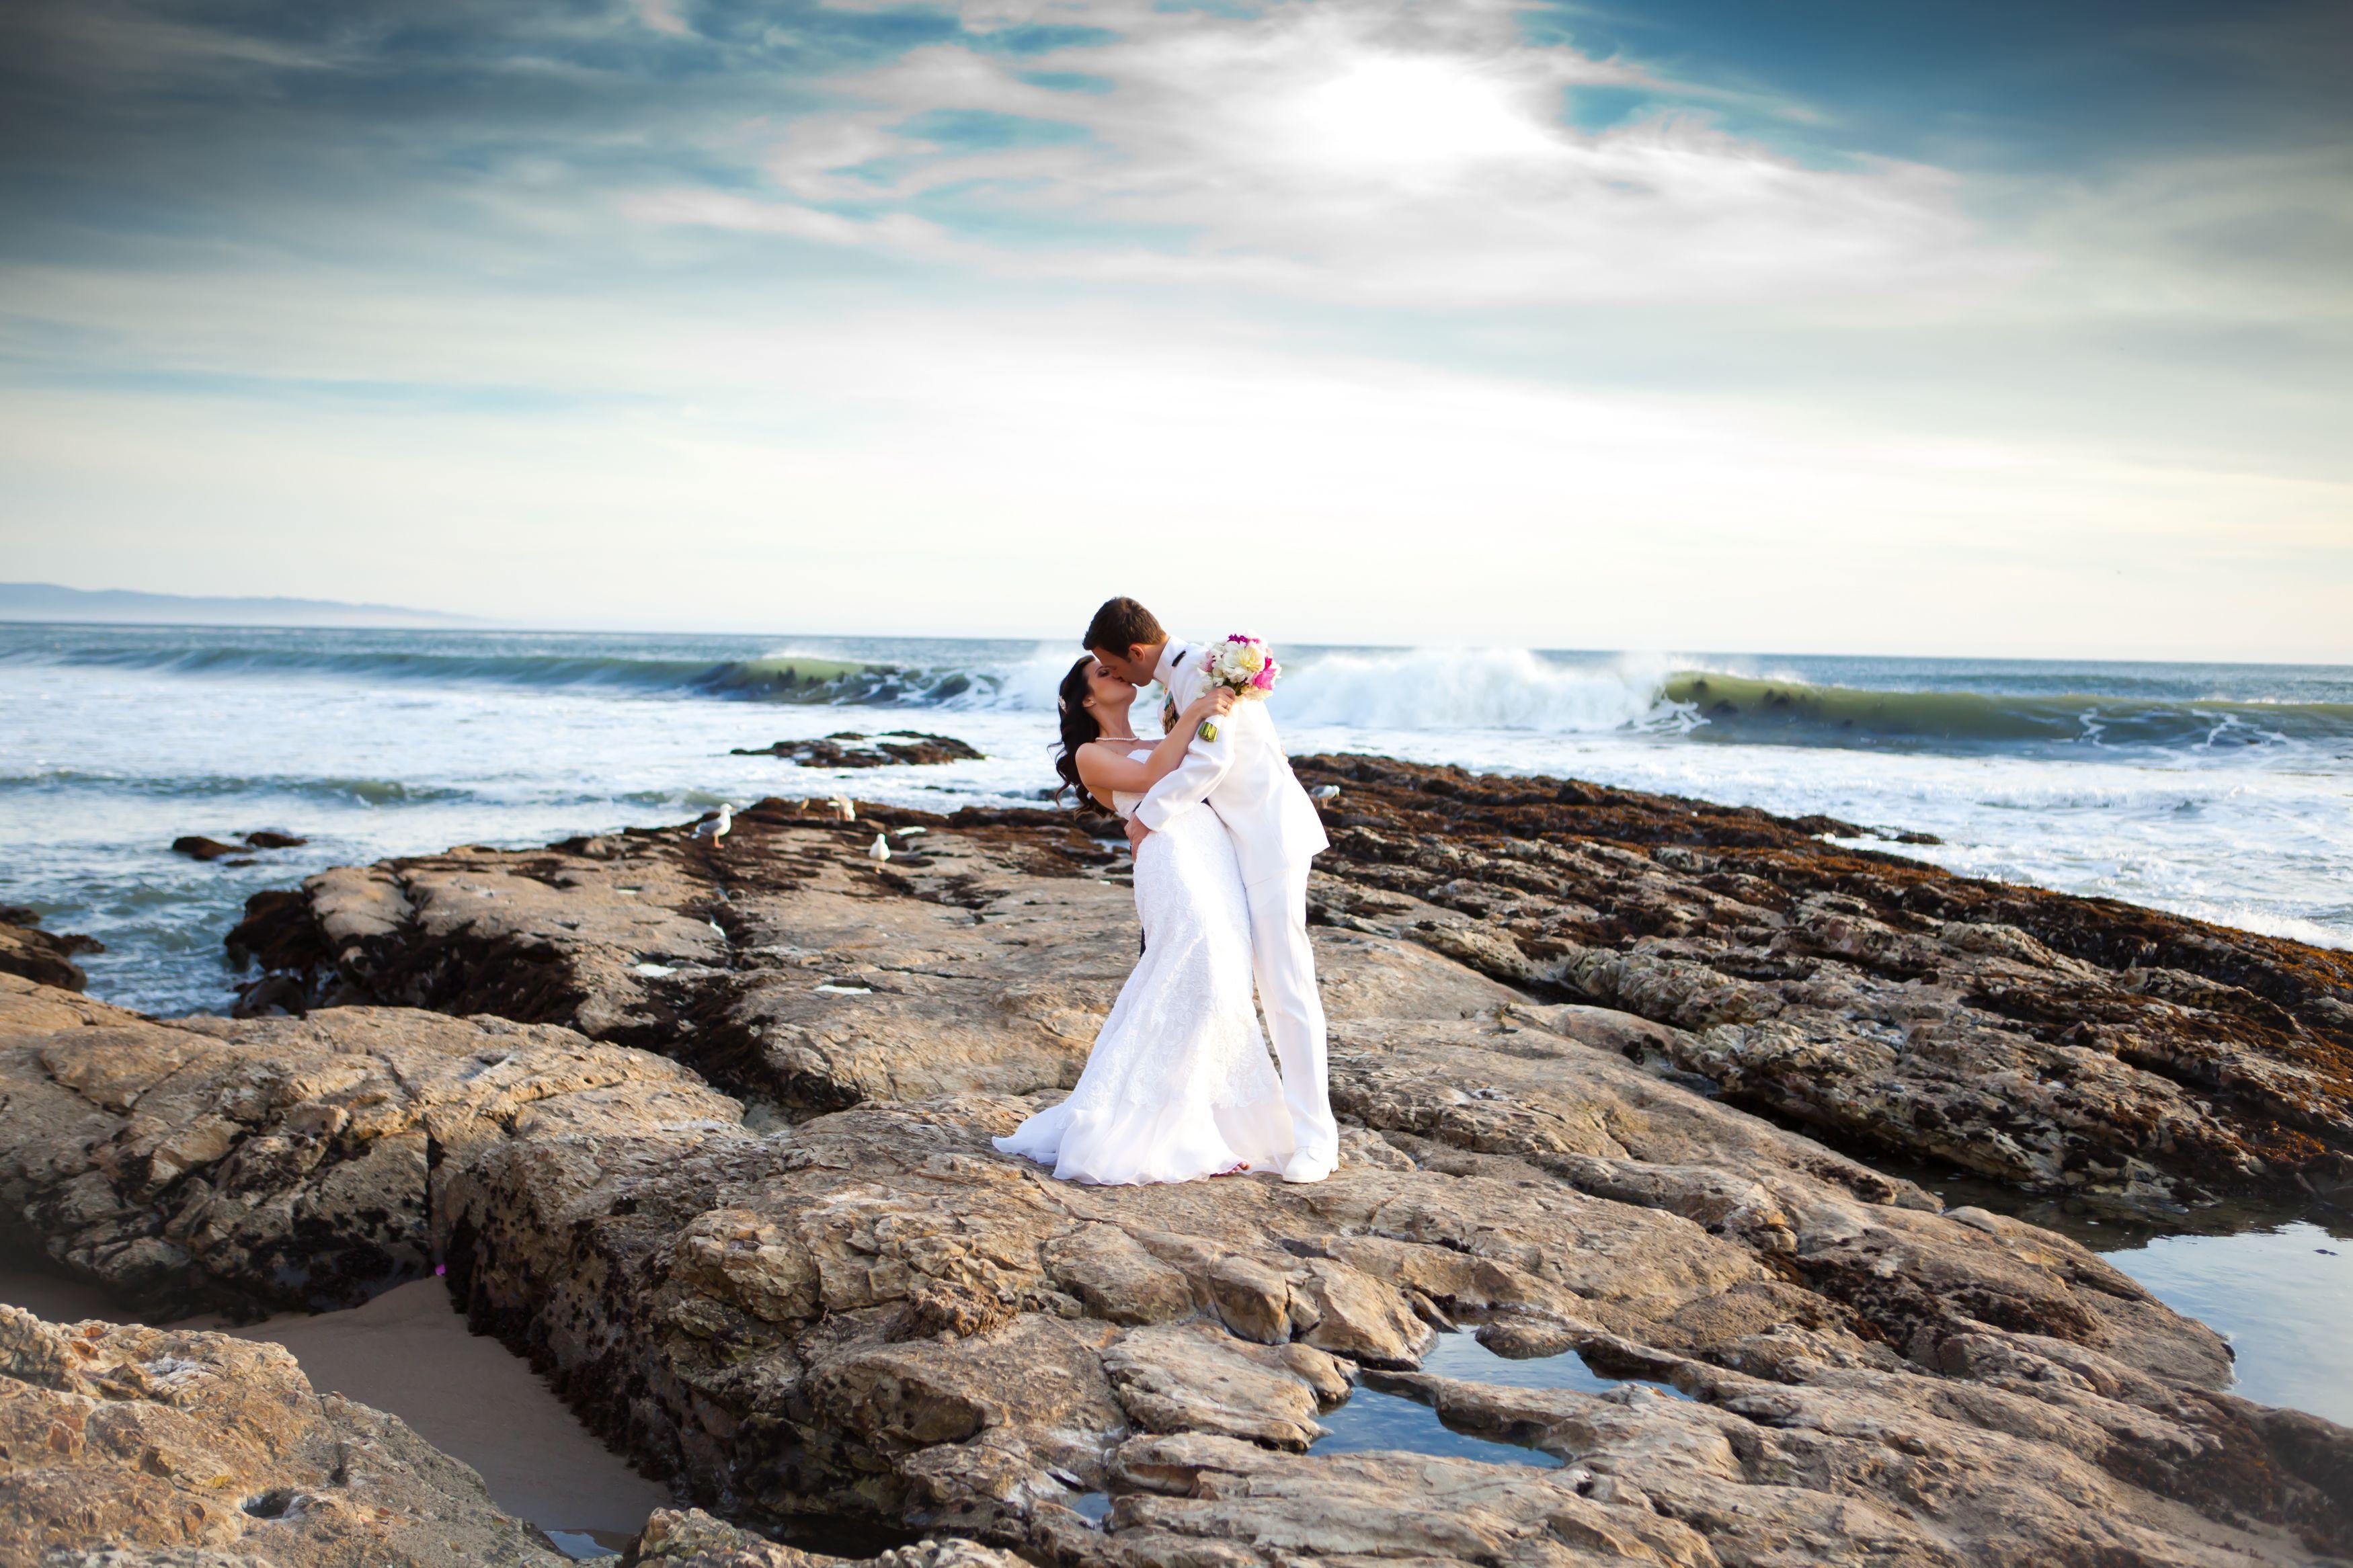 Weddings at The Cliffs Resort Shell Beach, CA http//www